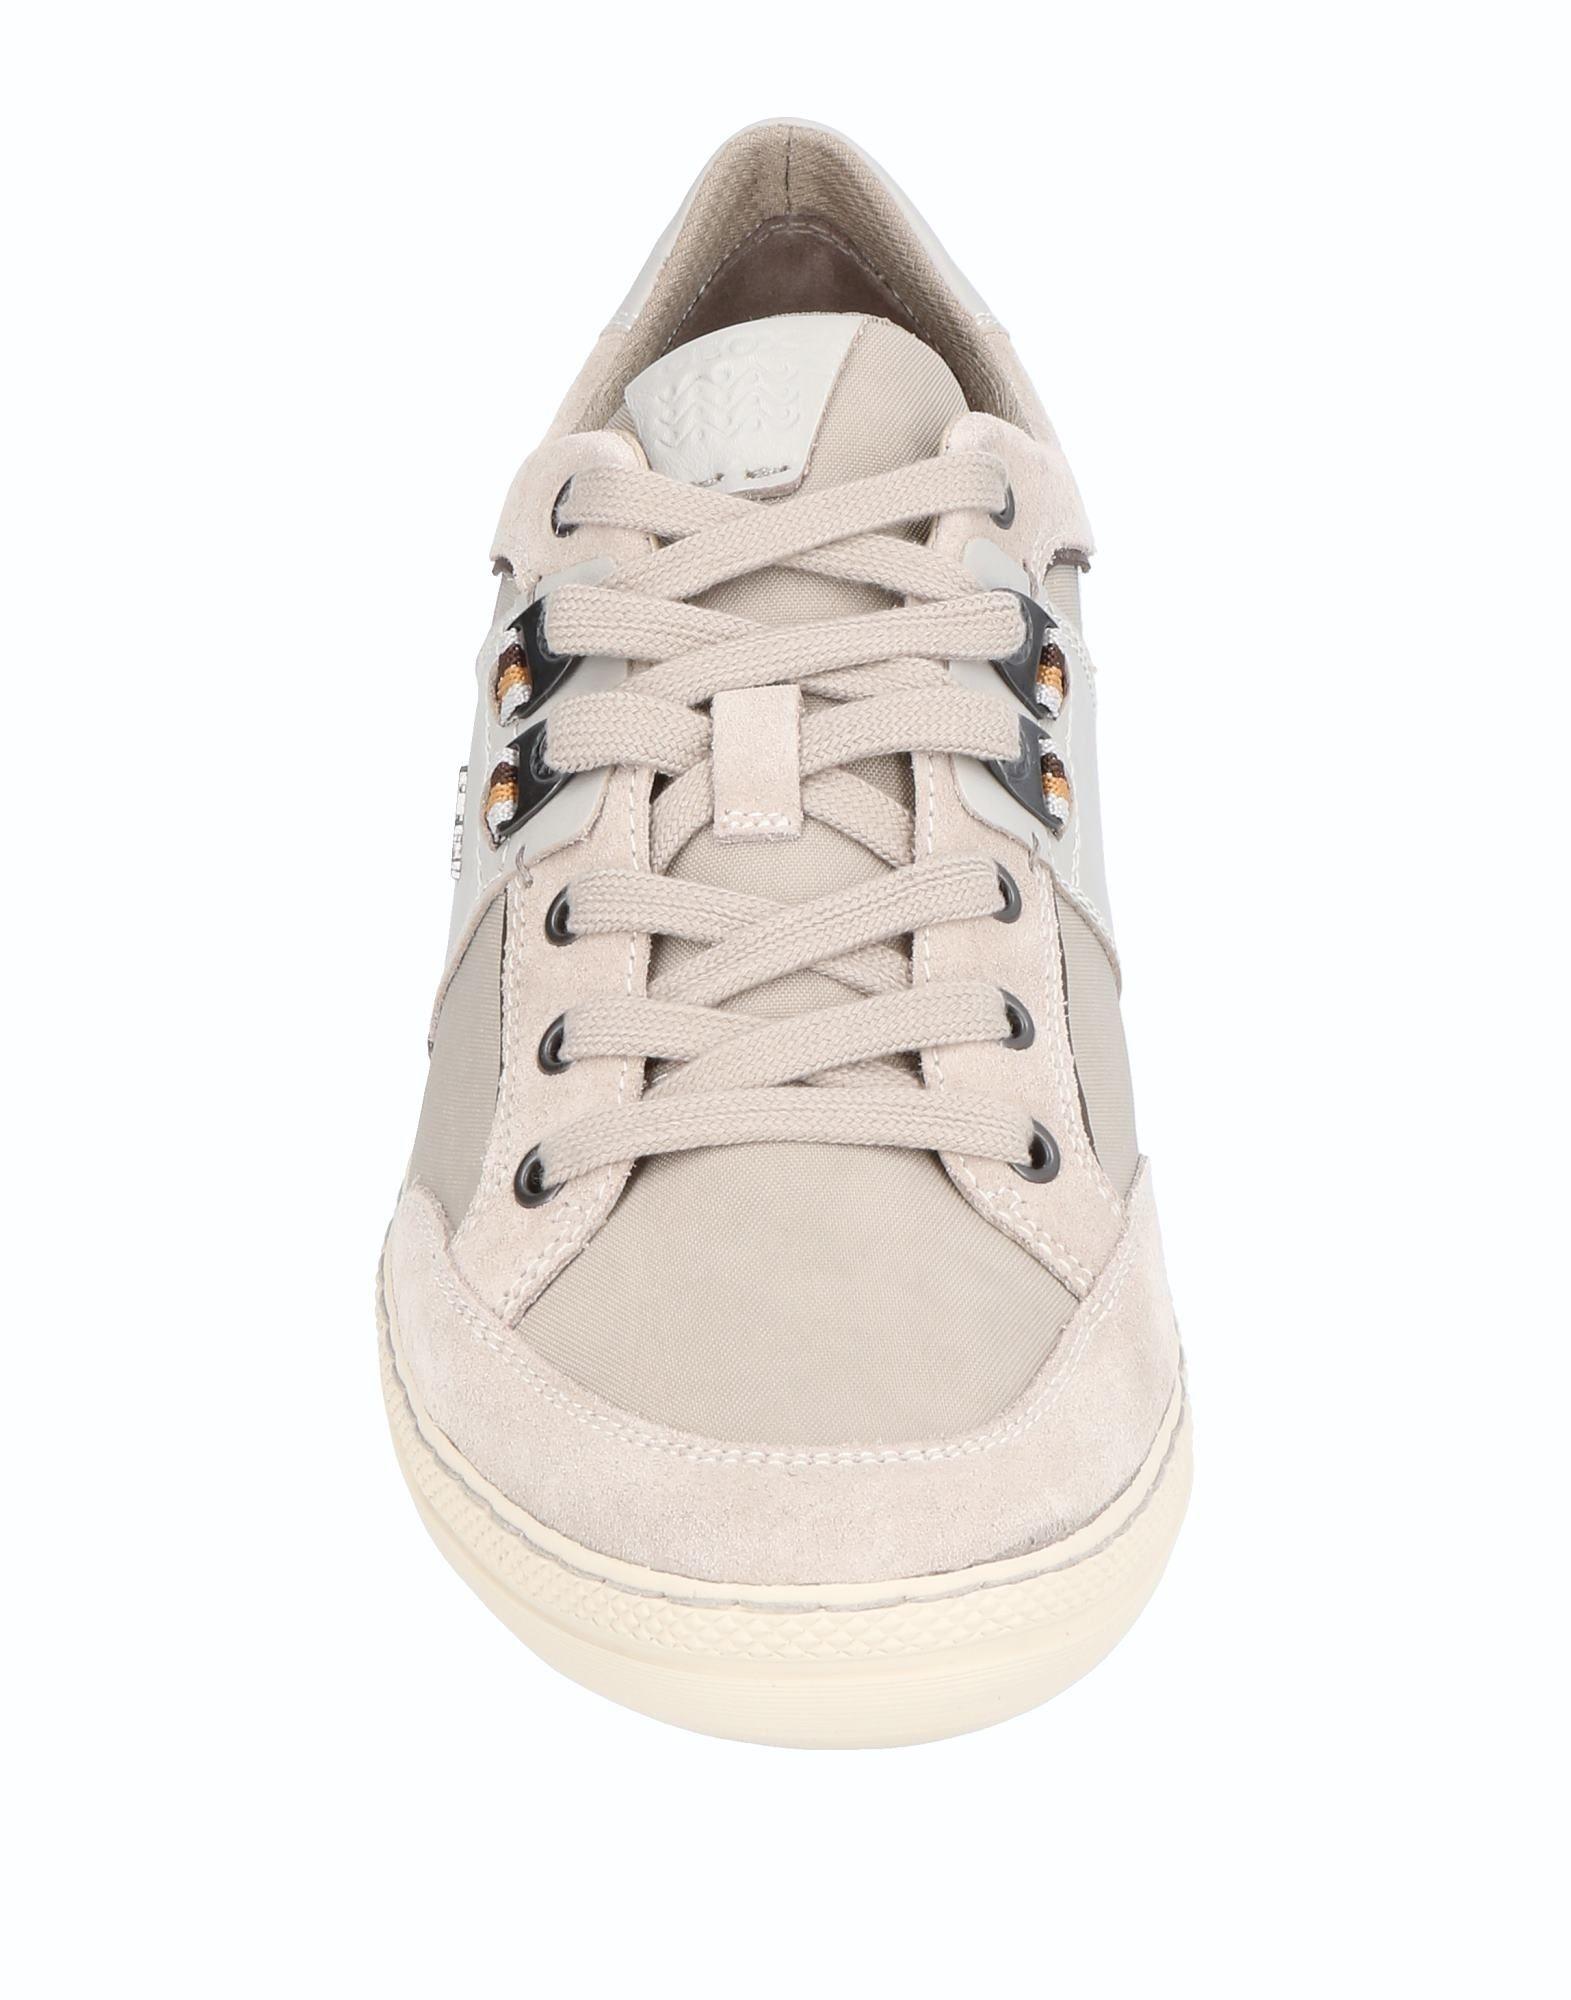 Uomo 11198455ed Sneakers E Scarpe Economiche Geox Resistenti UqYnXFz